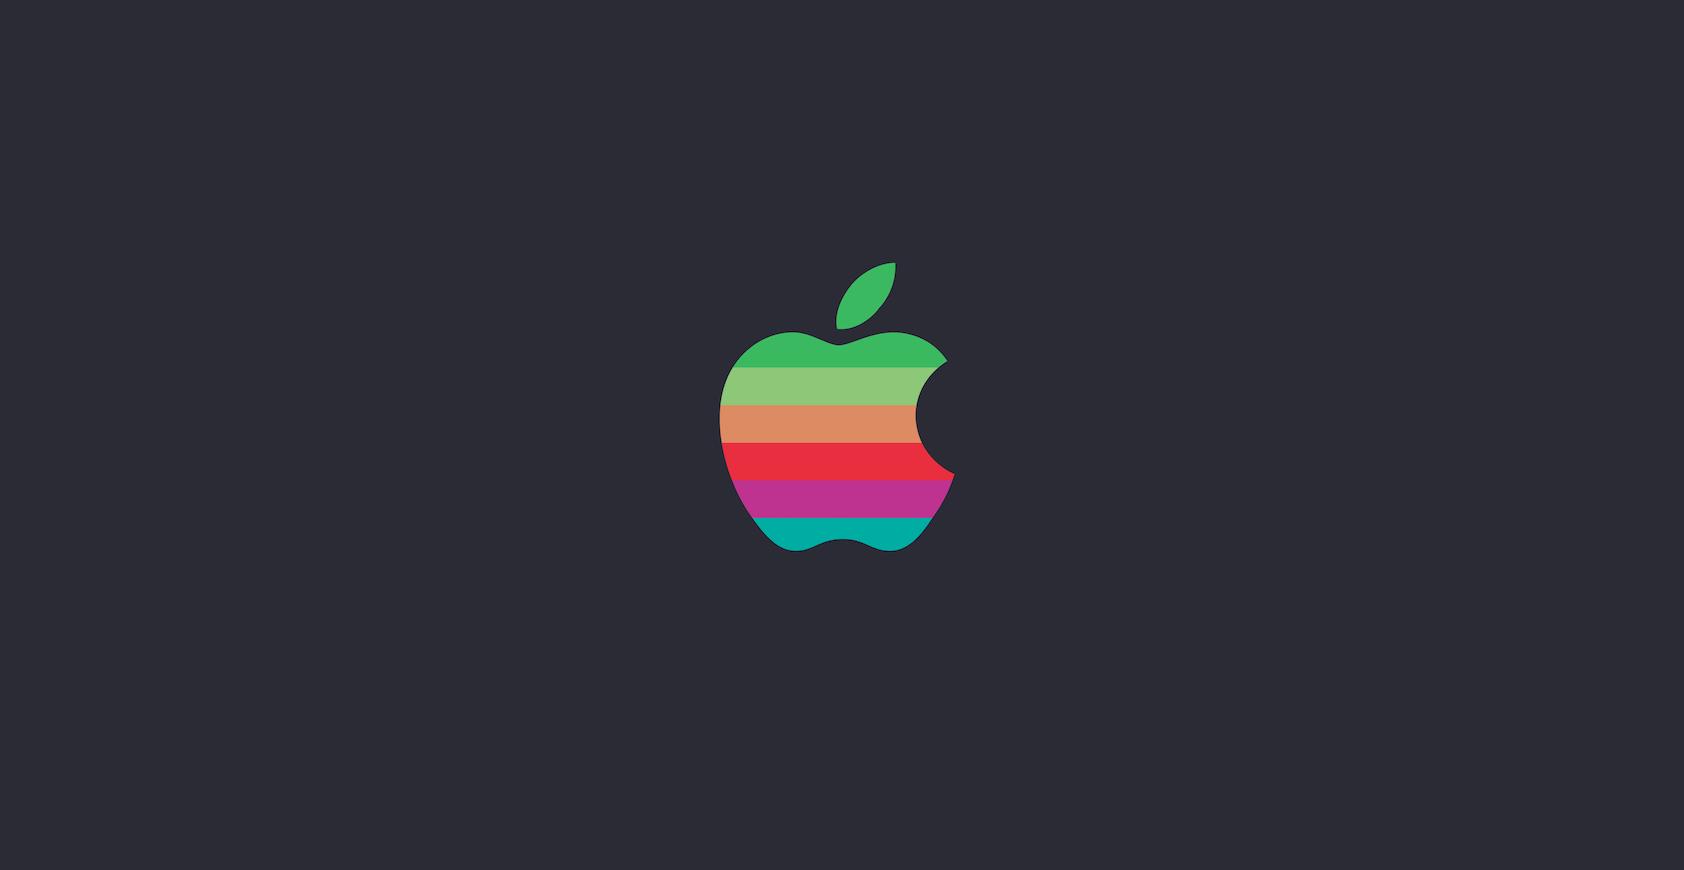 Ретро-логотип Apple